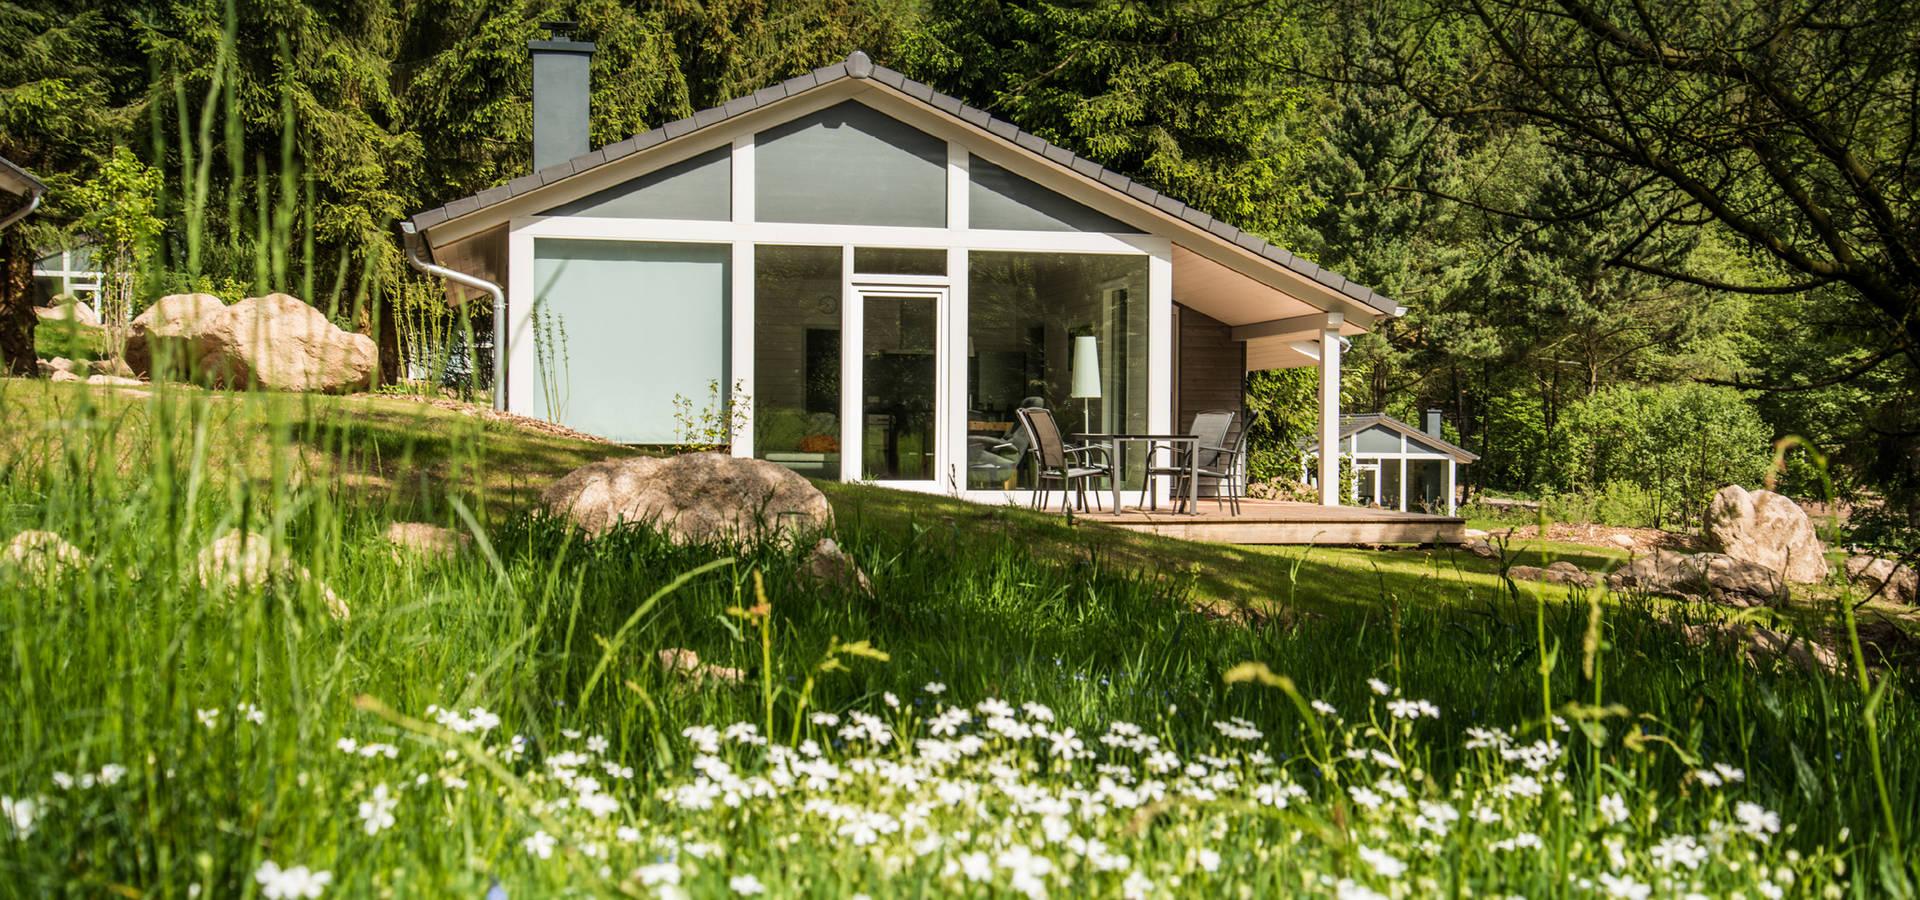 Ferienhaus Lichtung       im grünen Herzen Deutschland